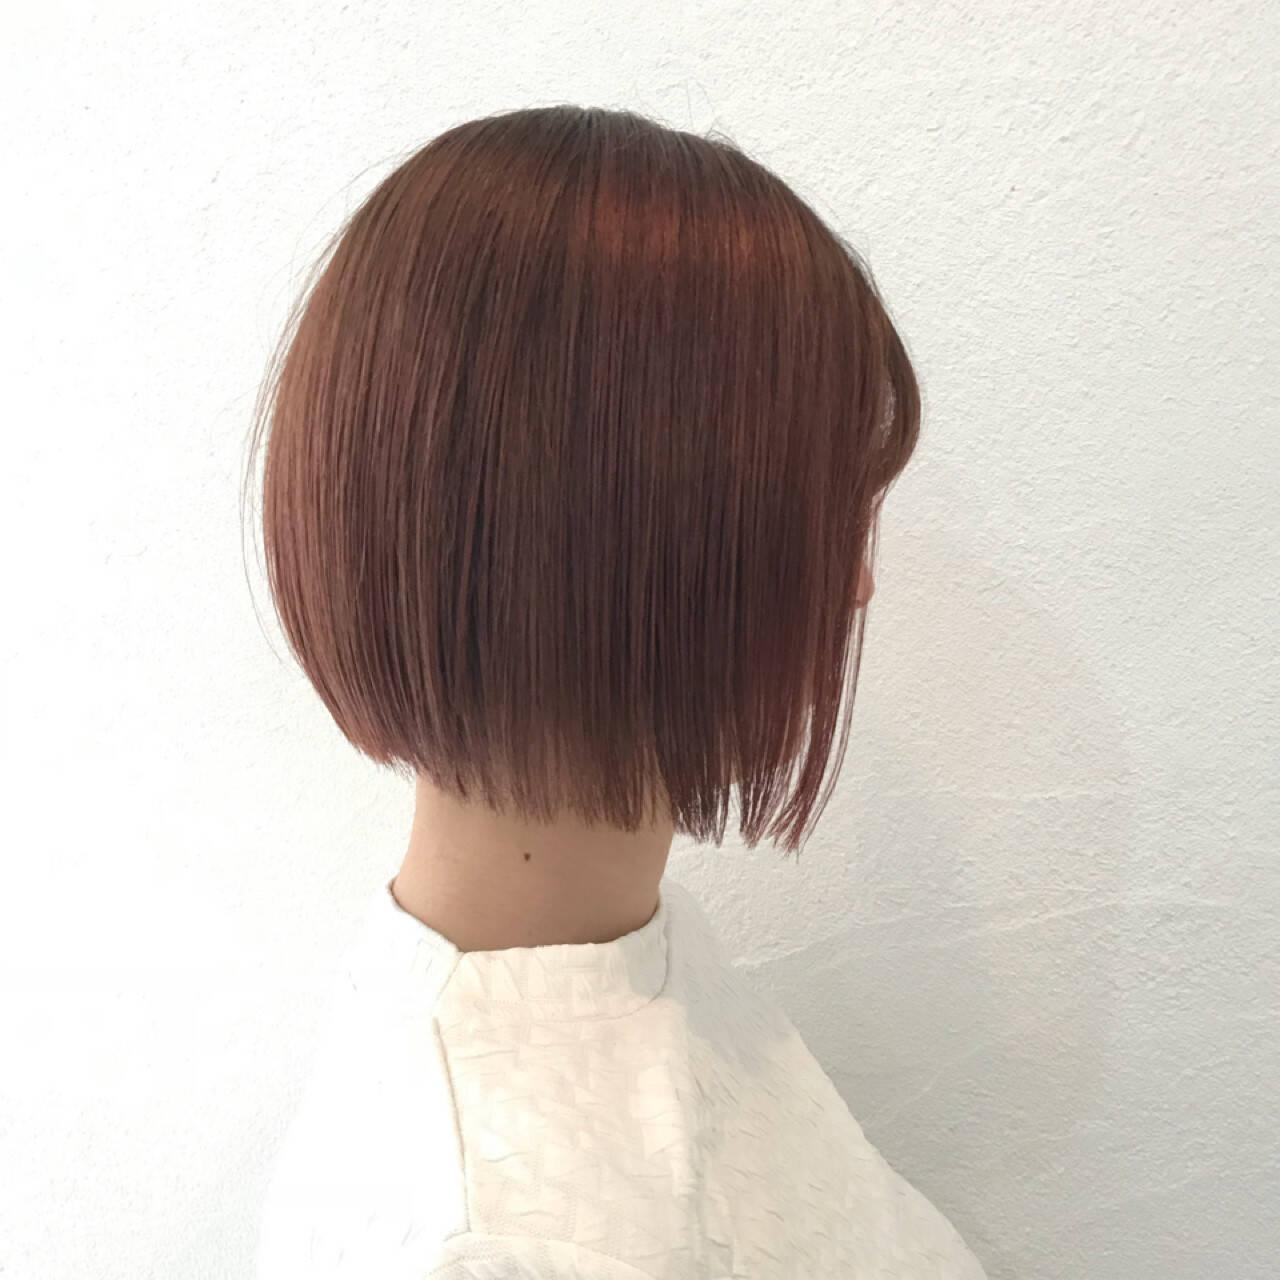 ナチュラル ボブ ピンク イルミナカラーヘアスタイルや髪型の写真・画像